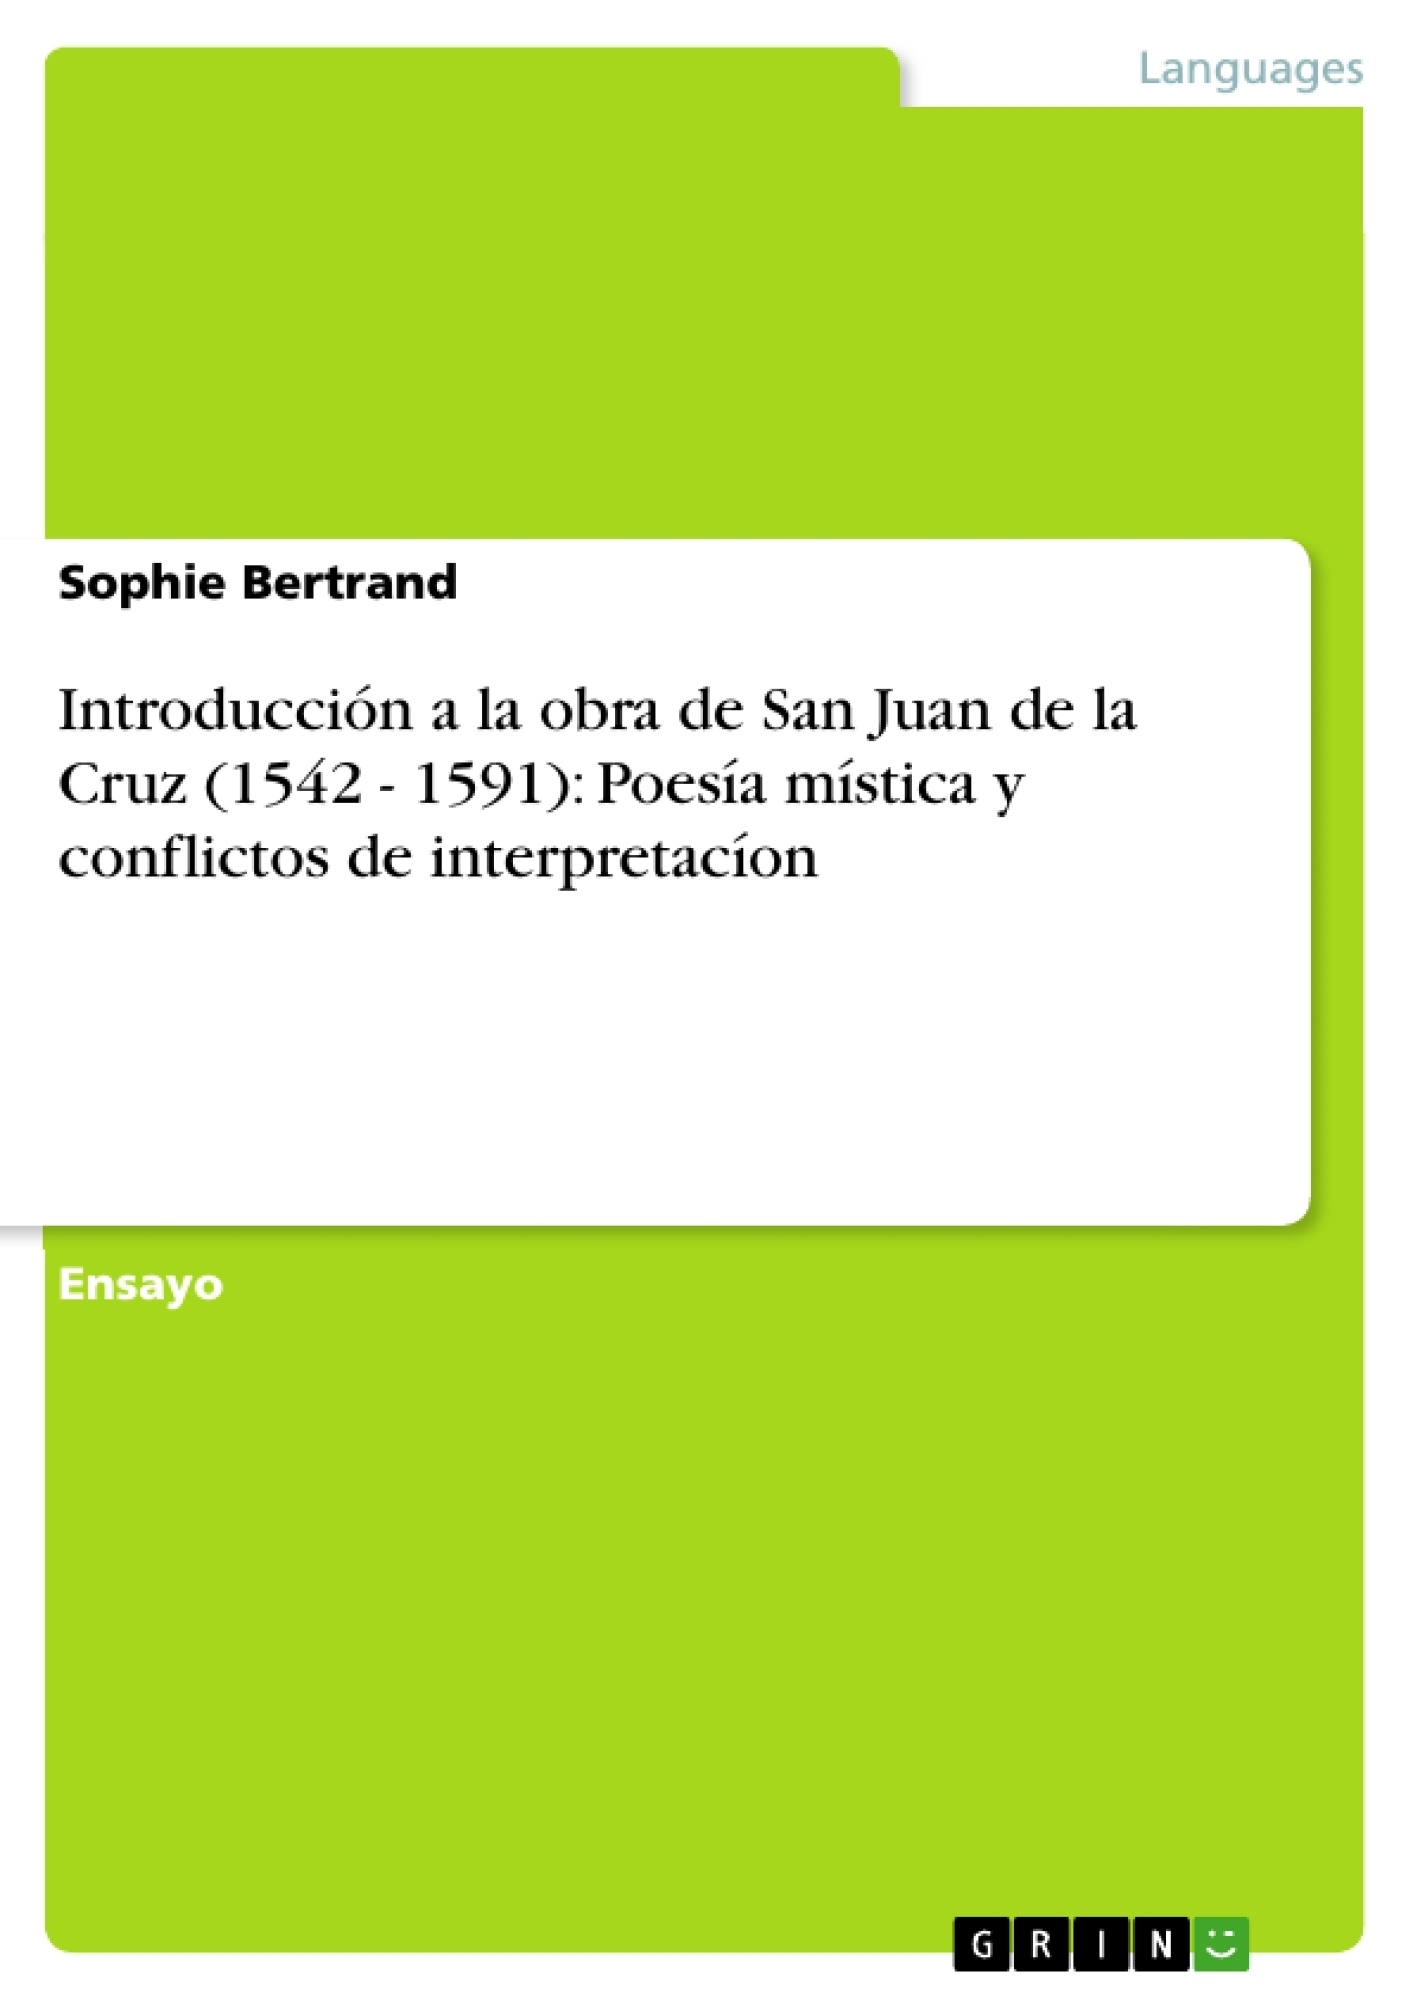 Título: Introducción a la obra de San Juan de la Cruz (1542 - 1591): Poesía mística y conflictos de interpretacíon